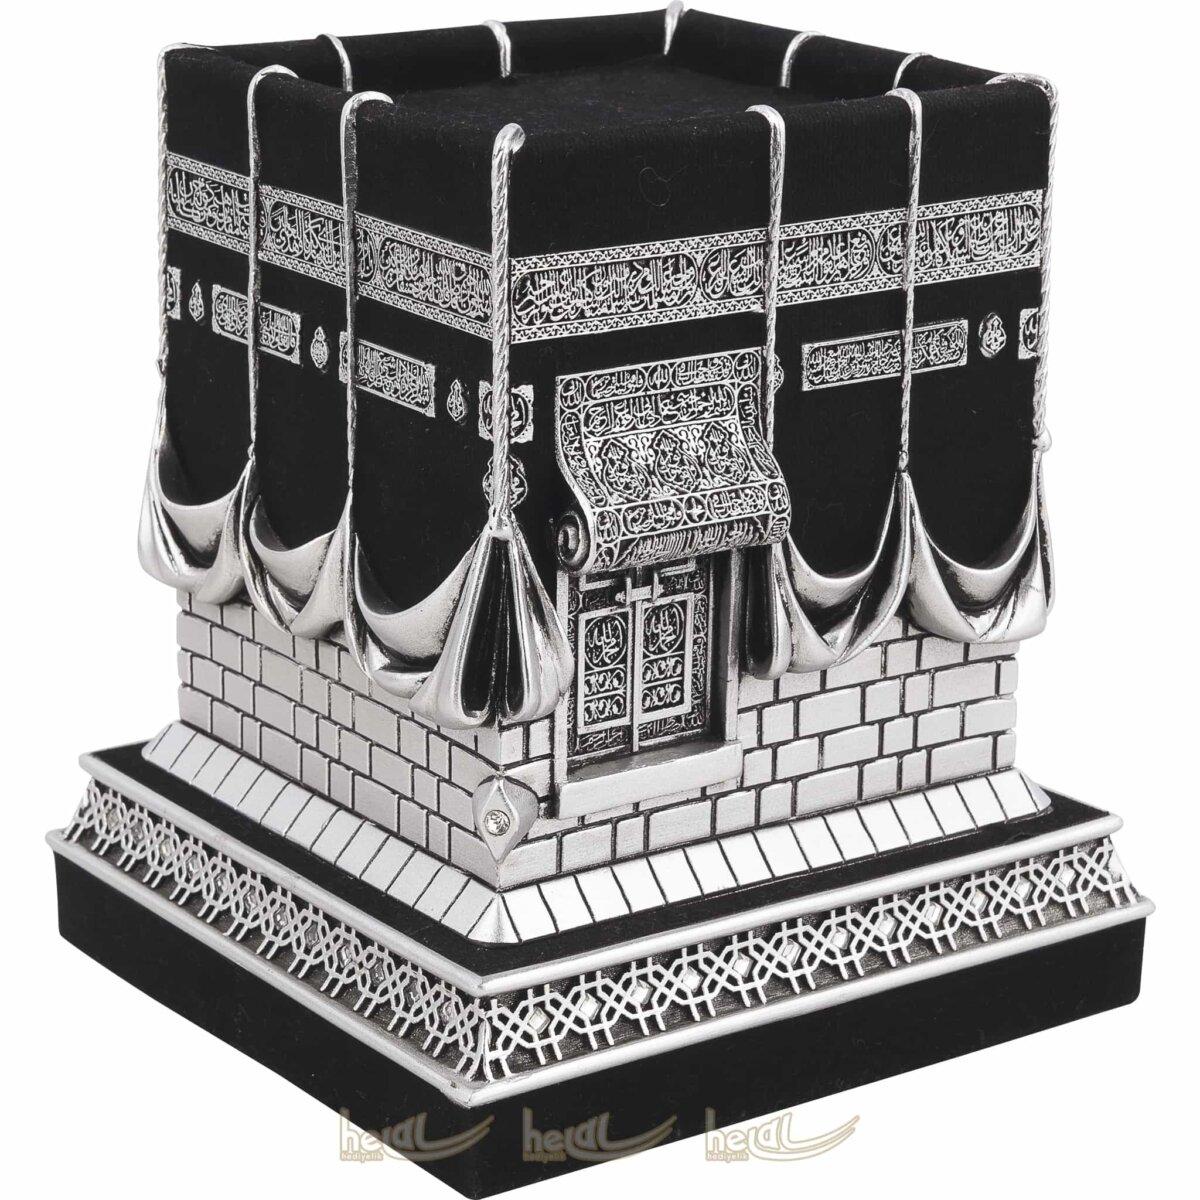 Büyük Boy Kadifeli 3 Boyutlu Orijinal Kabe Biblo Taşlı Lüks Dini Hediyeler (13×13,5x16cm) Büyük Boy Kadifeli 3 Boyutlu Orijinal Kabe Biblo Taşlı Lüks Dini Hediyeler (13×13,5x16cm)